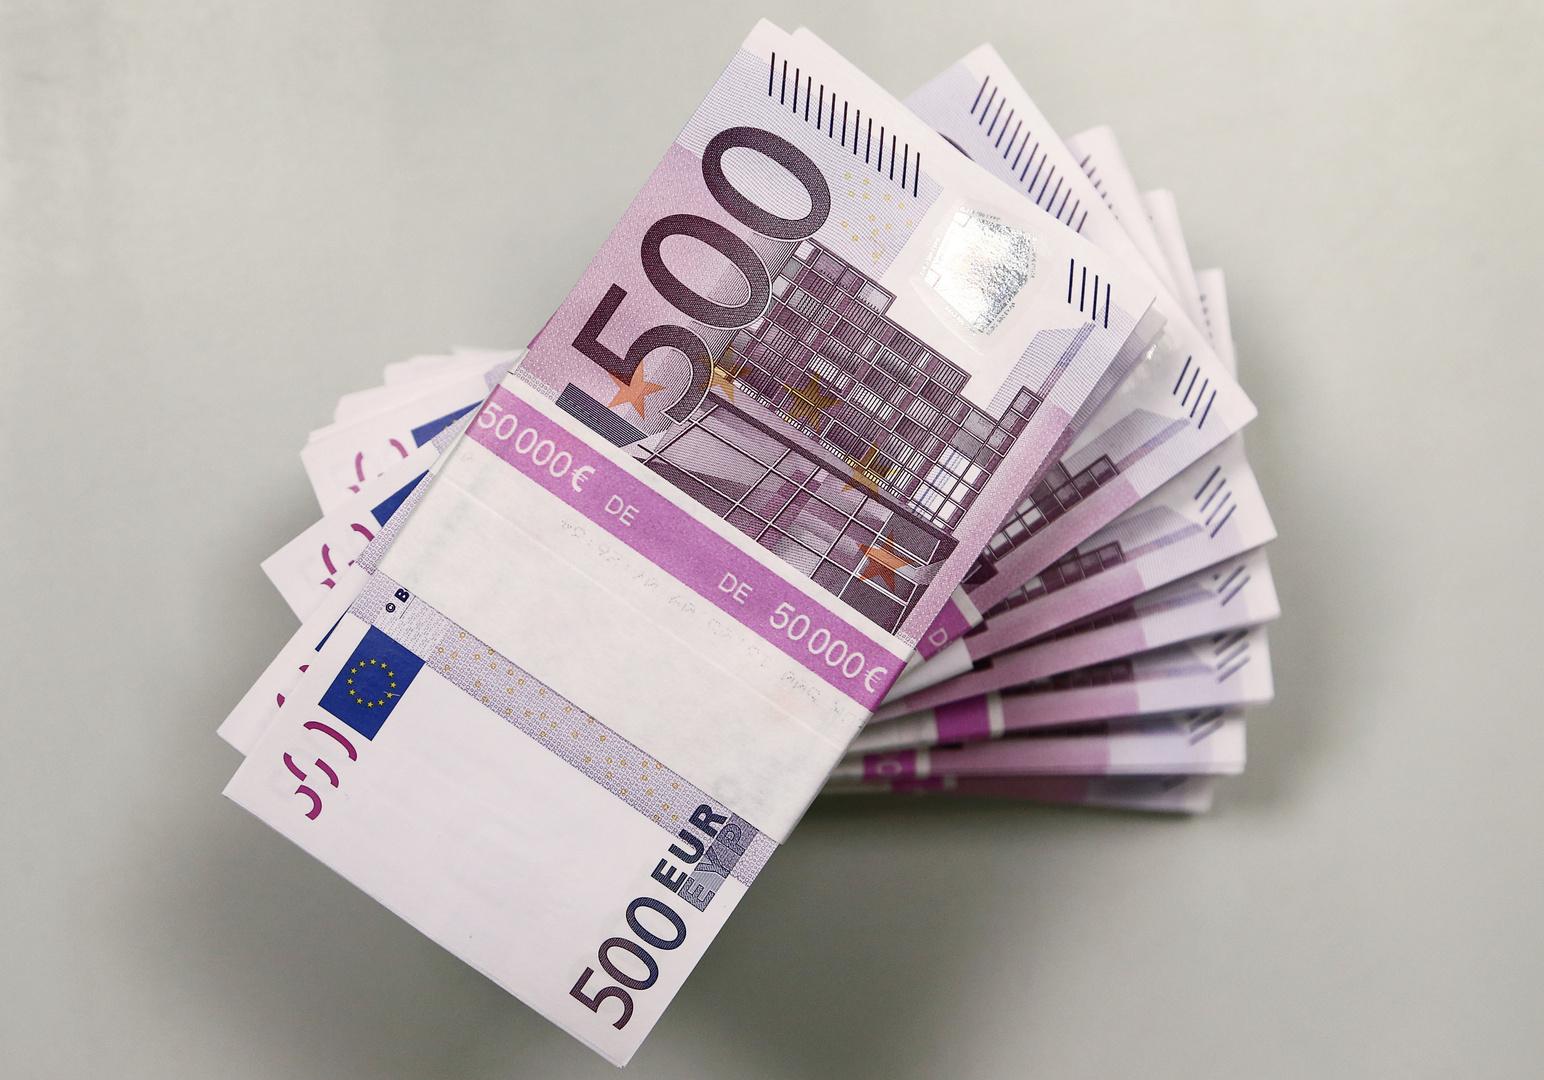 التضخم في منطقة اليورو يصعد لأعلى مستوى في 10 أعوام